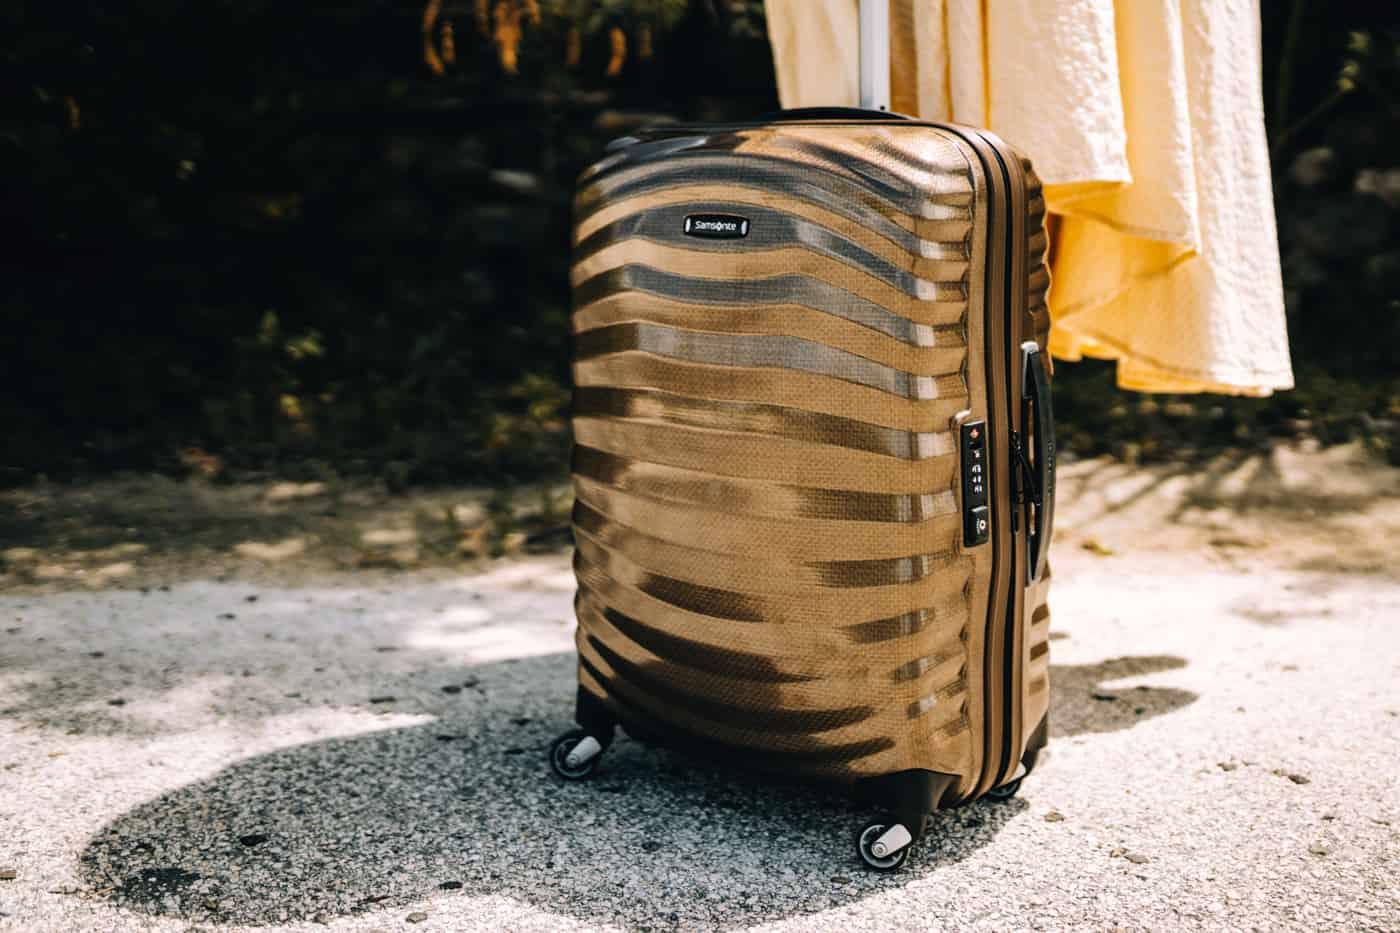 Nur mit Handgepäck reisen - mit dem Samsonite Lite Shock auf den Bahamas